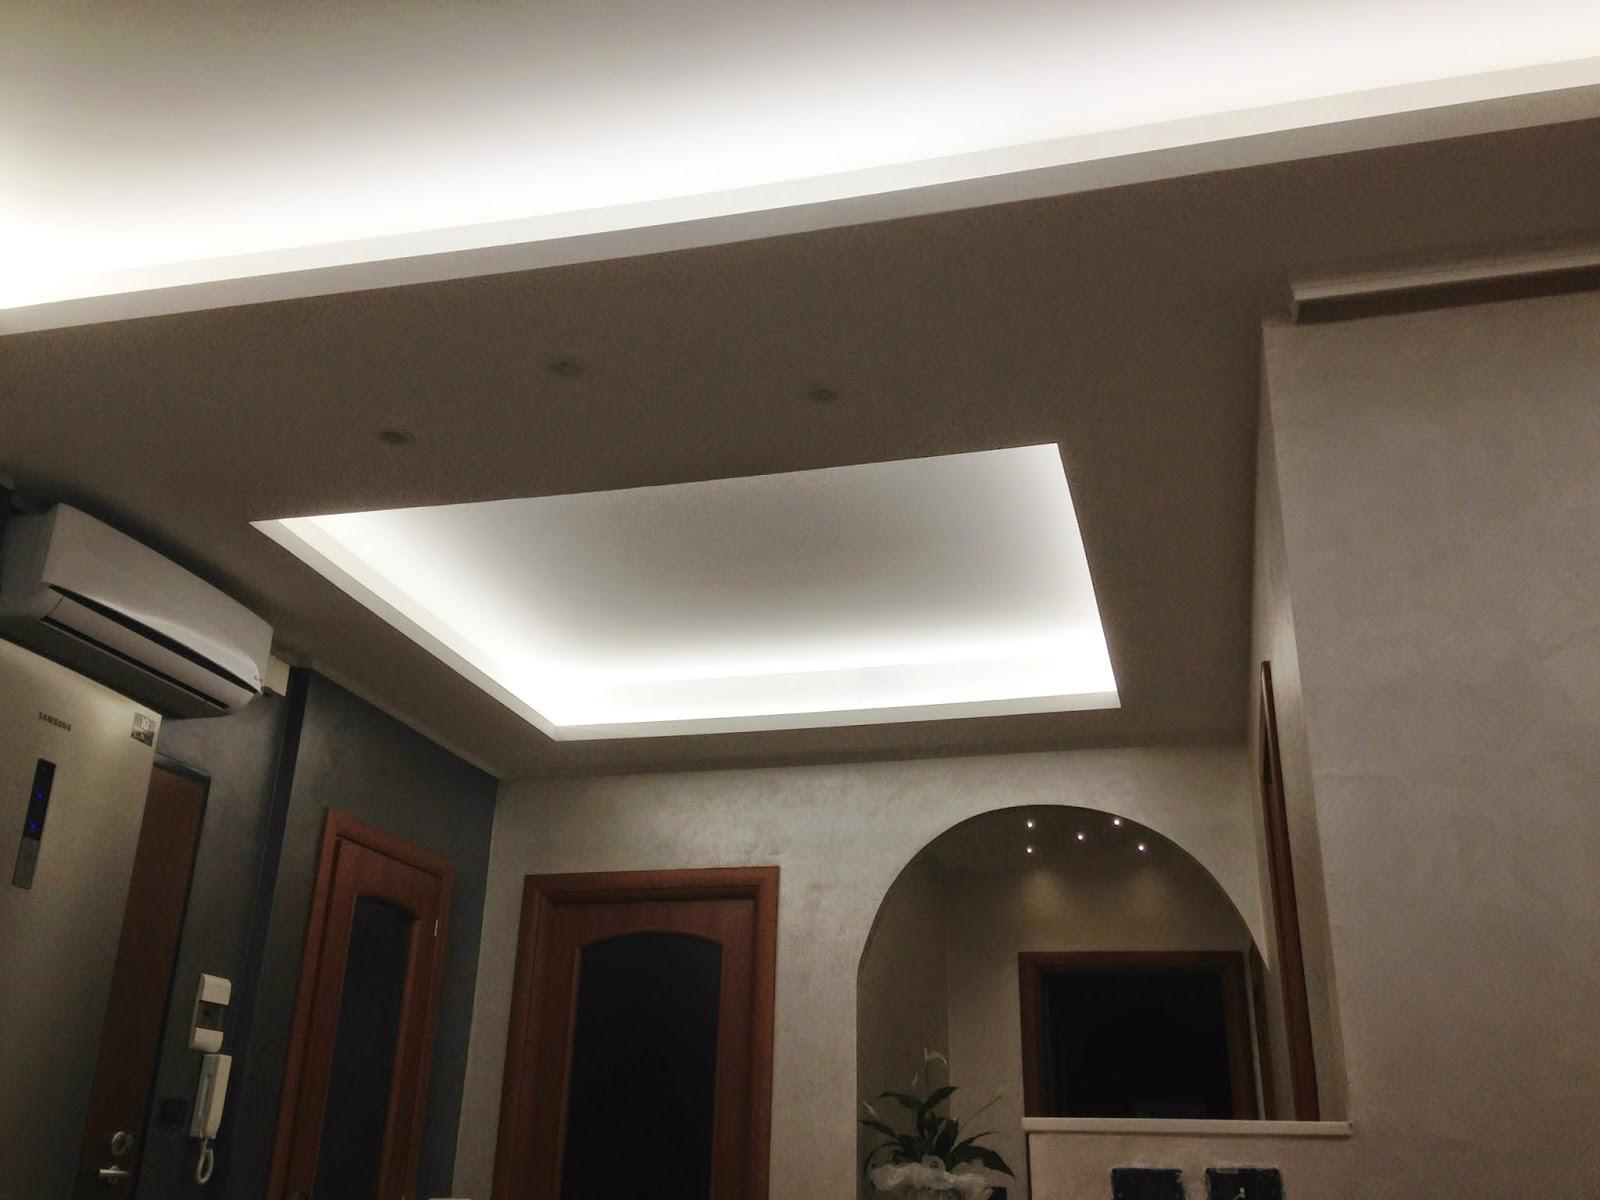 Illuminazione led casa dicembre 2014 for Luci led per casa